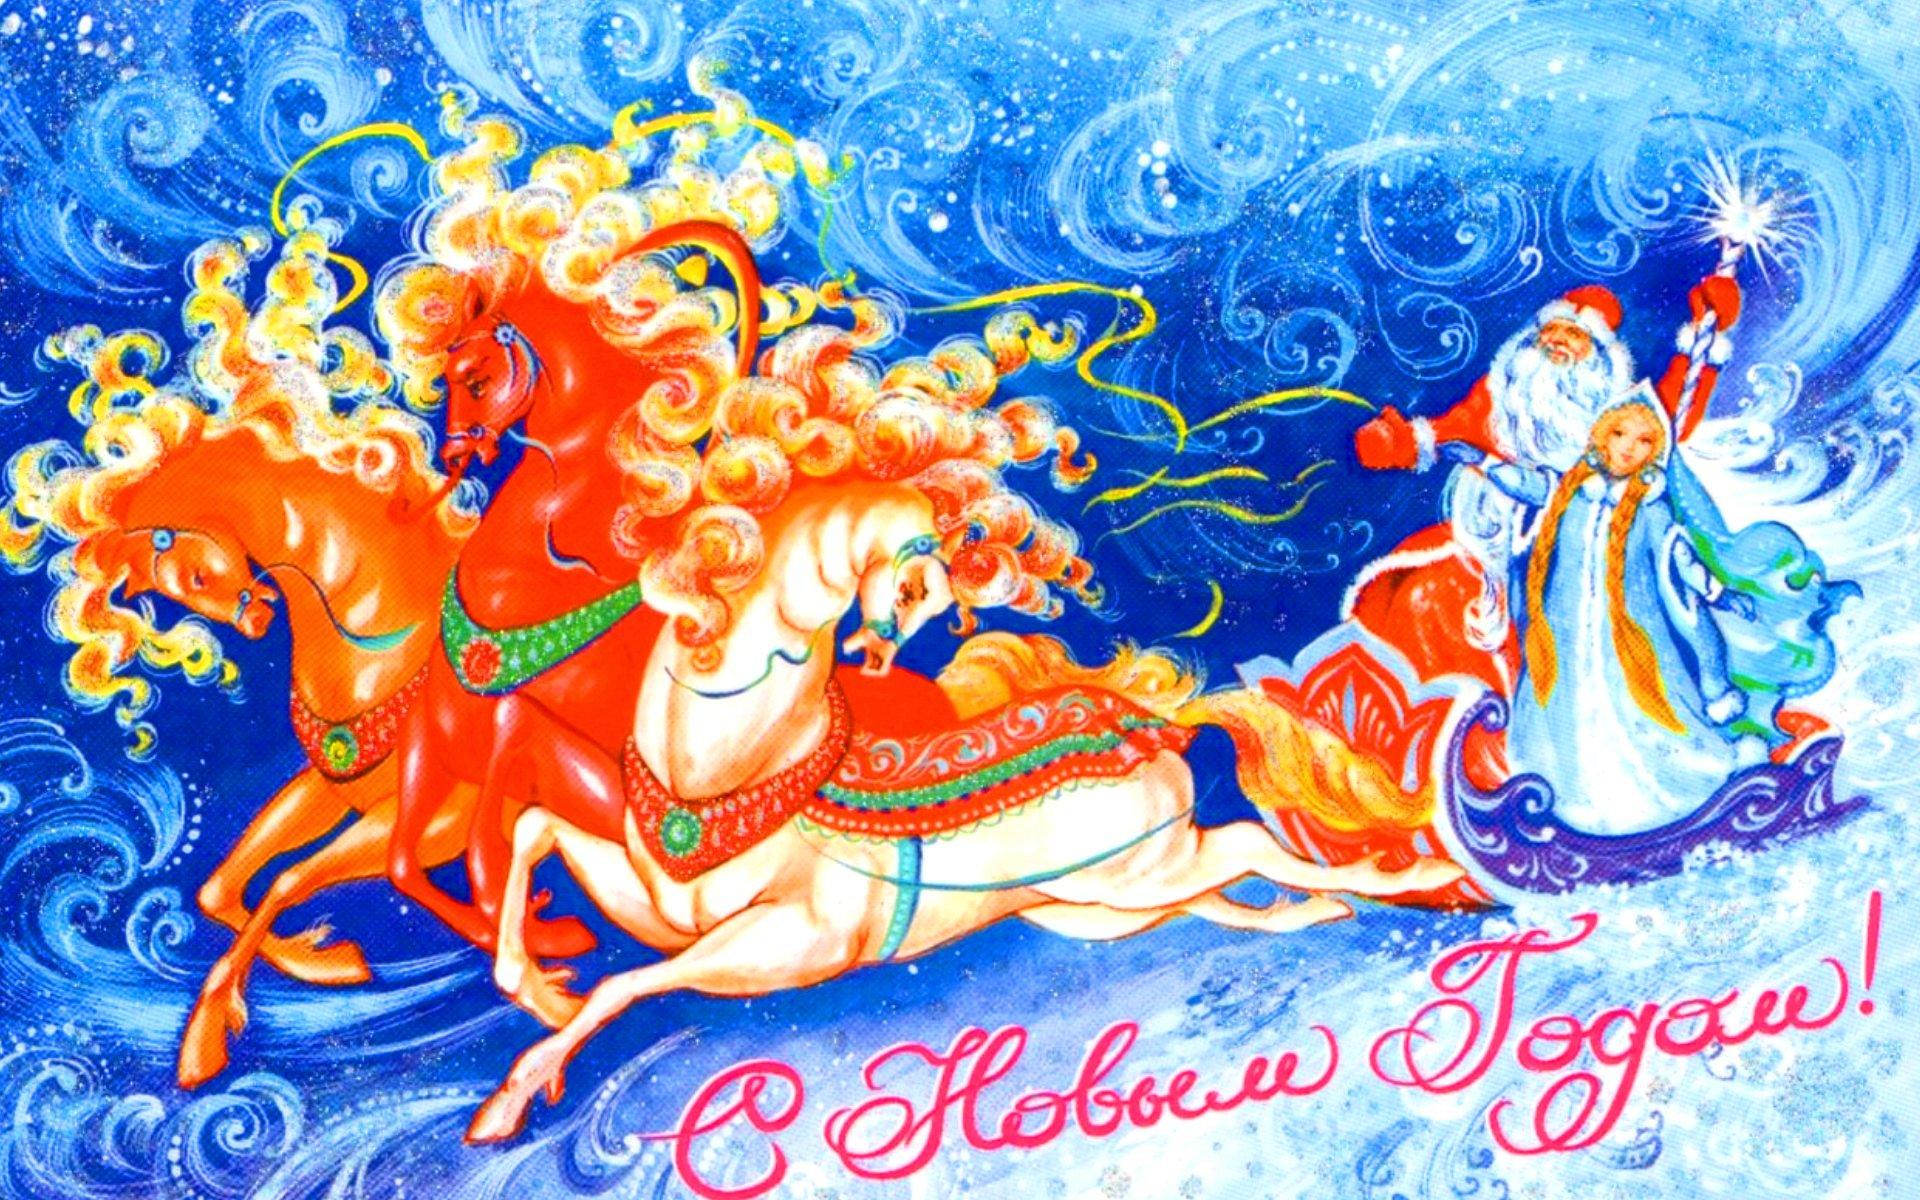 Анимации, открытки новогодние русские